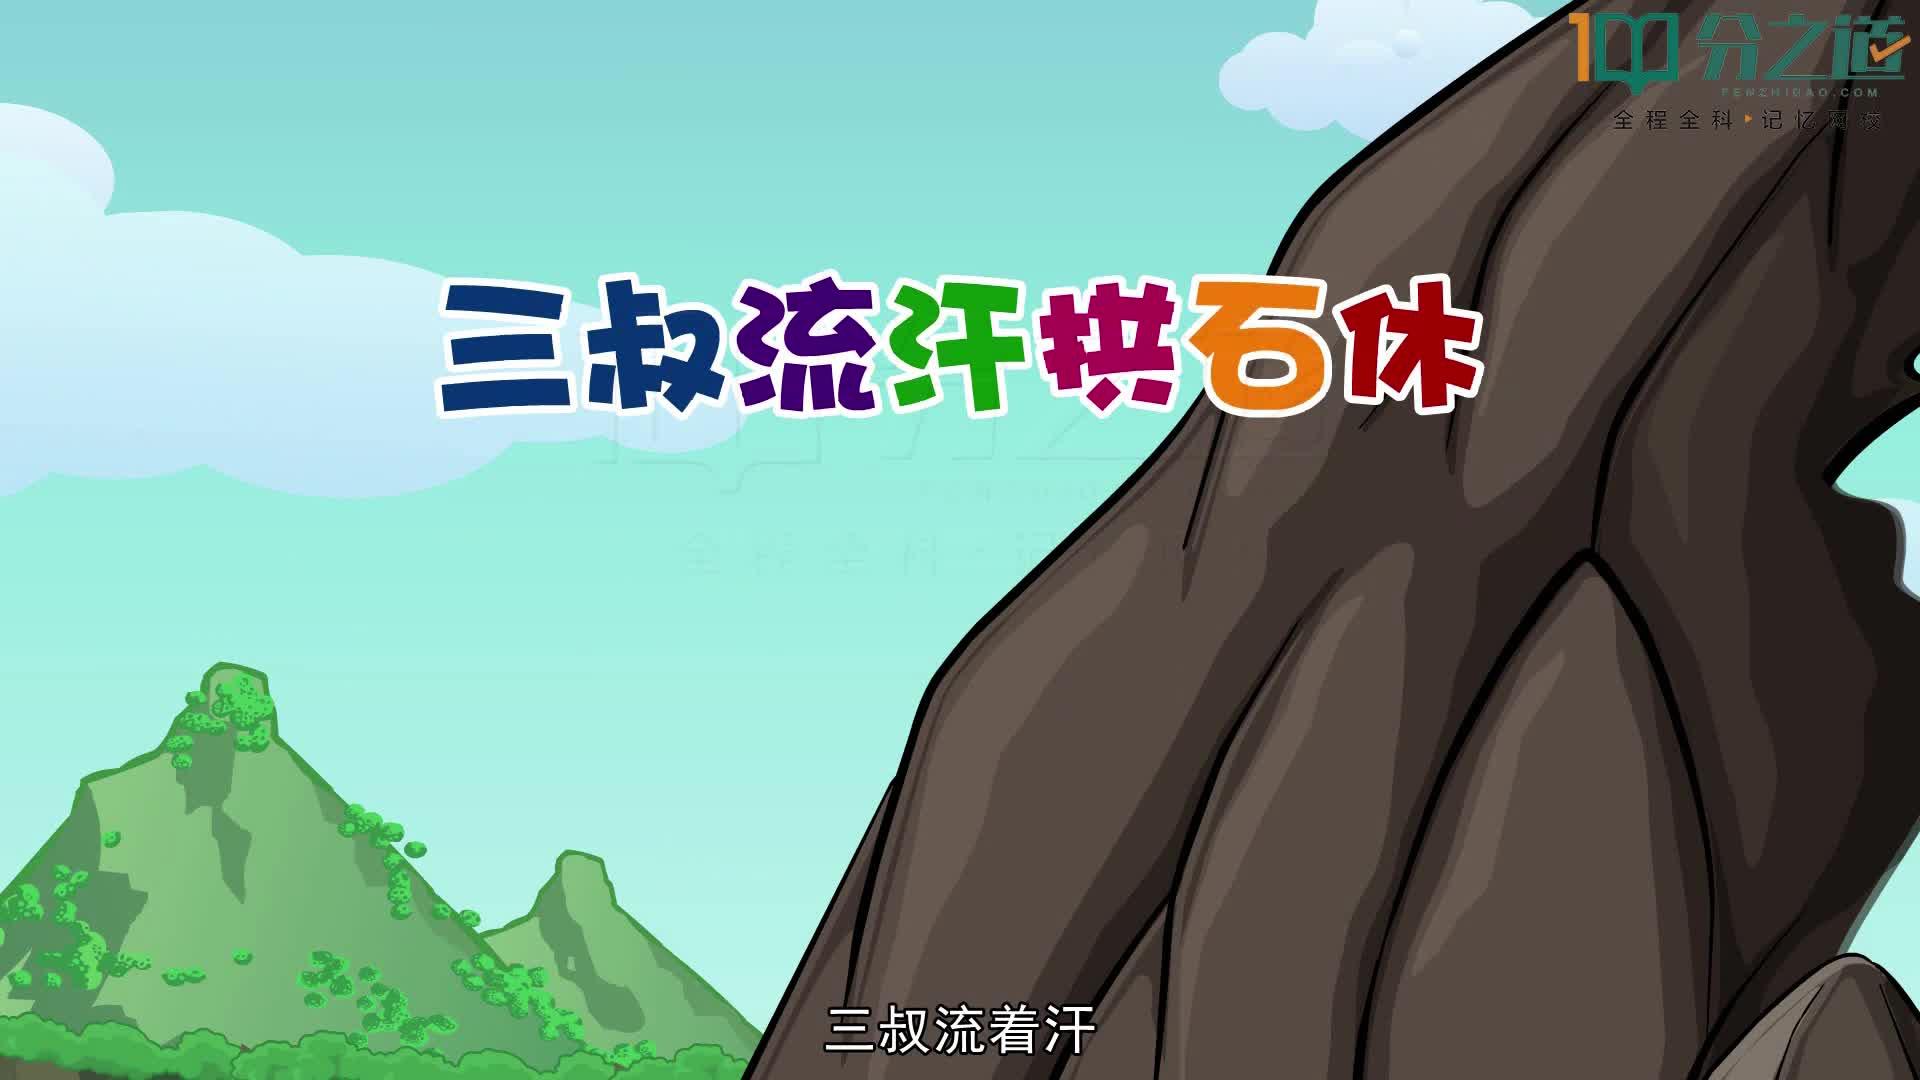 唐宋八大家(视频微课)-【分之道】初中语文全国同步动漫教学超级记忆+思维导图(通用版)